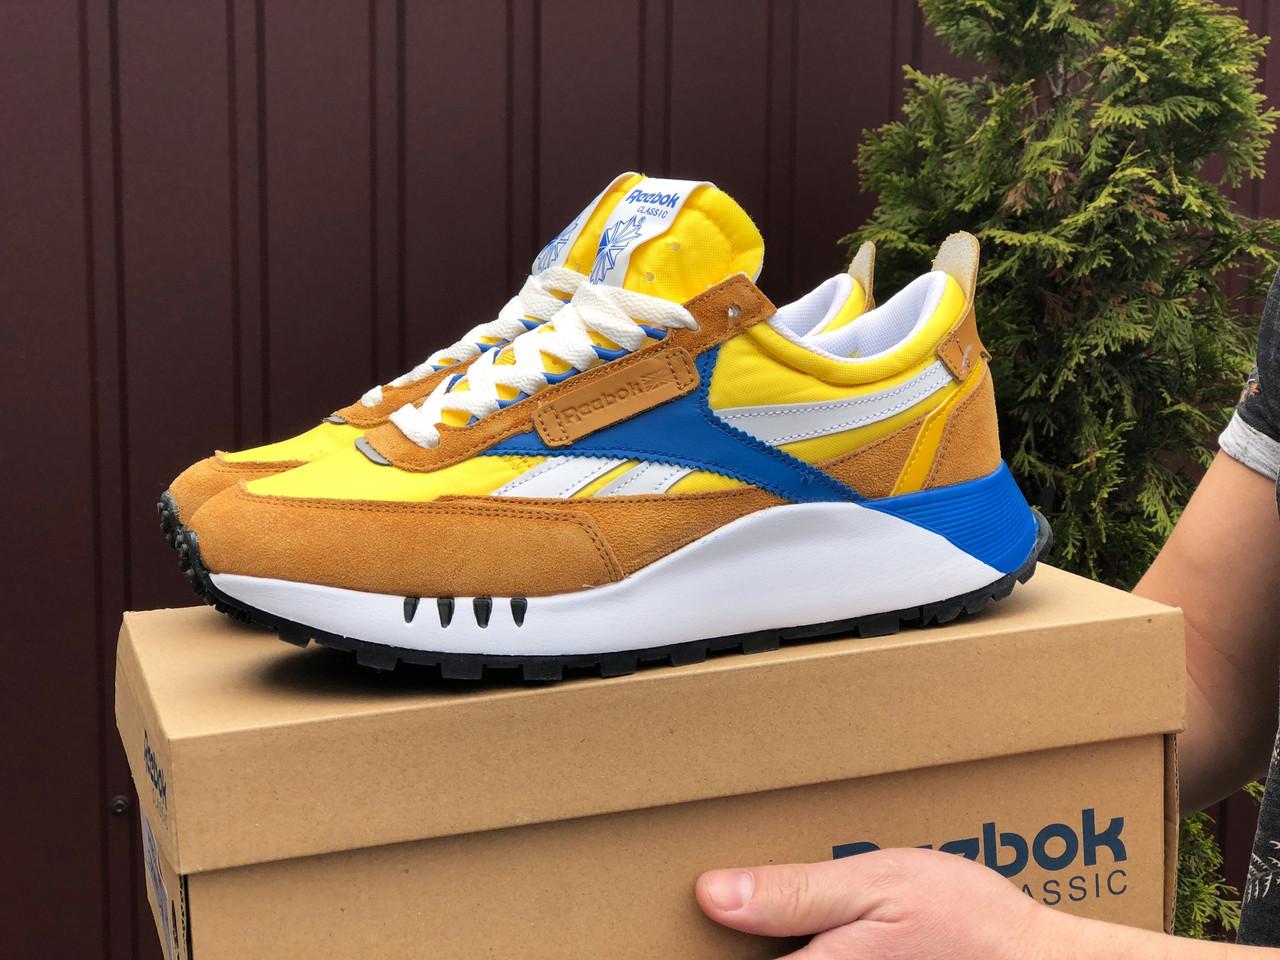 Мужские кроссовки Reebok желтые / замшевые кроссовки Рибок (Топ реплика ААА+)